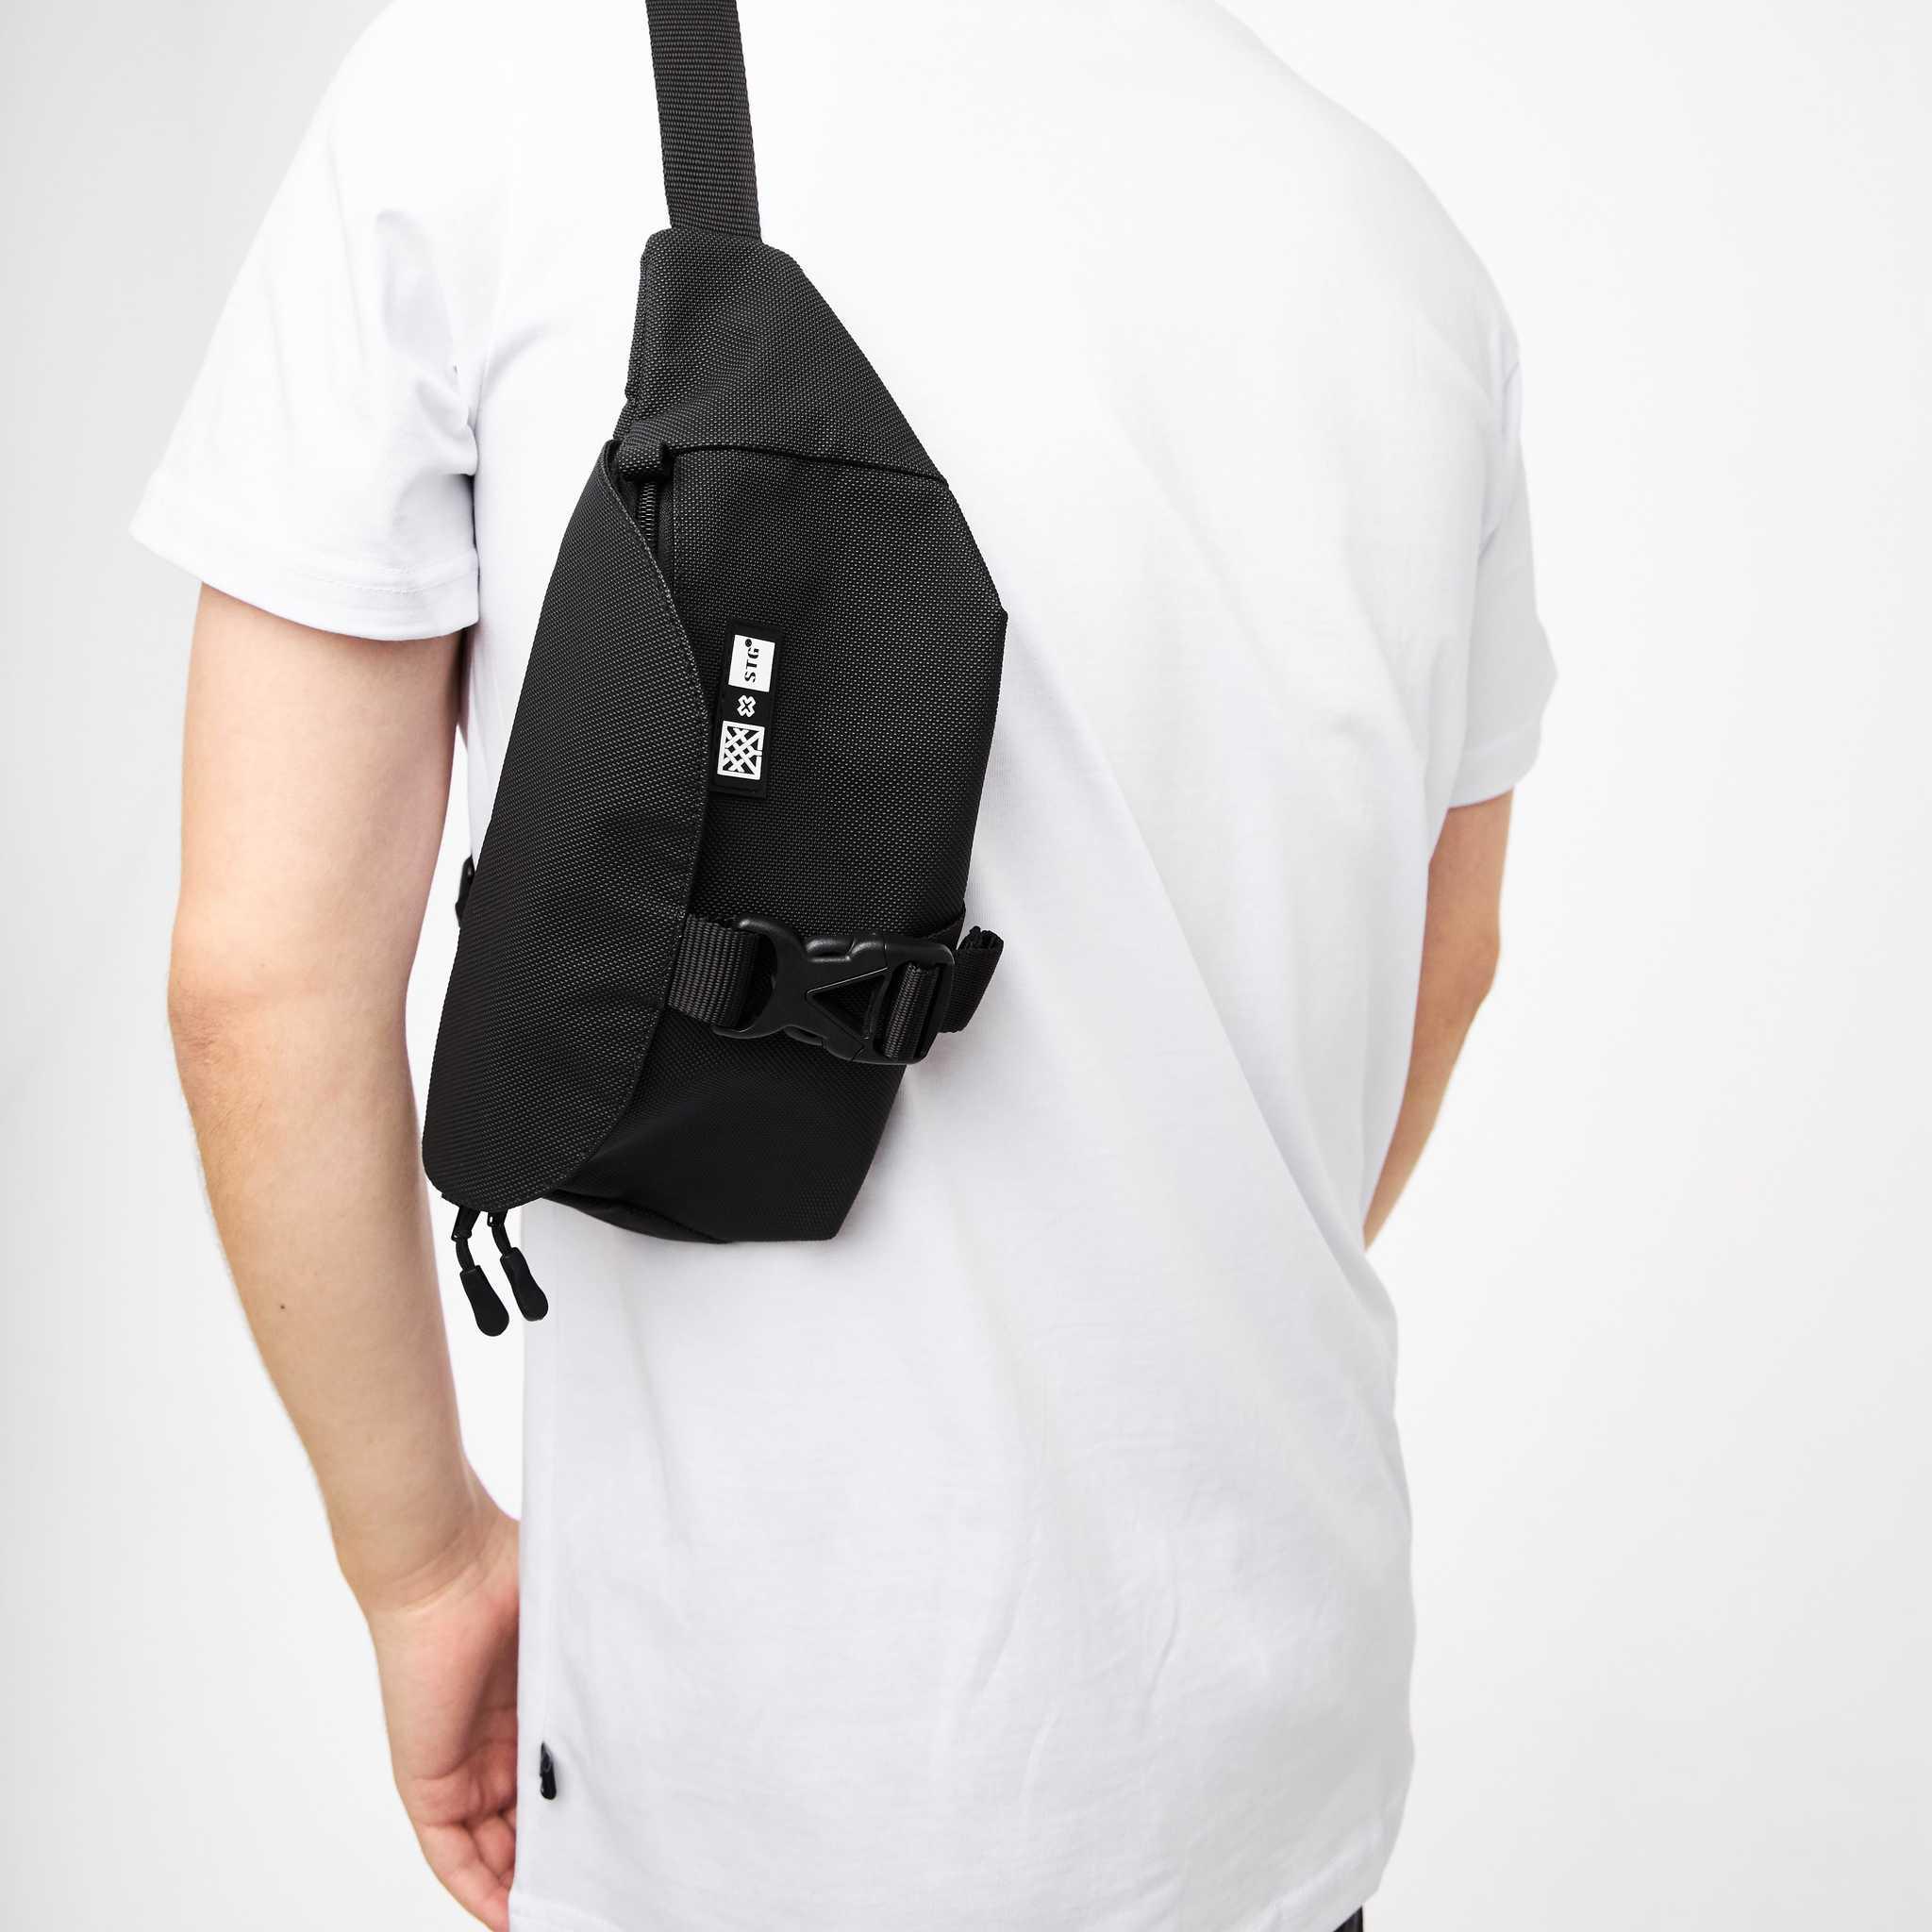 Поясная сумка Oxxxyshop × STG26 маленькая